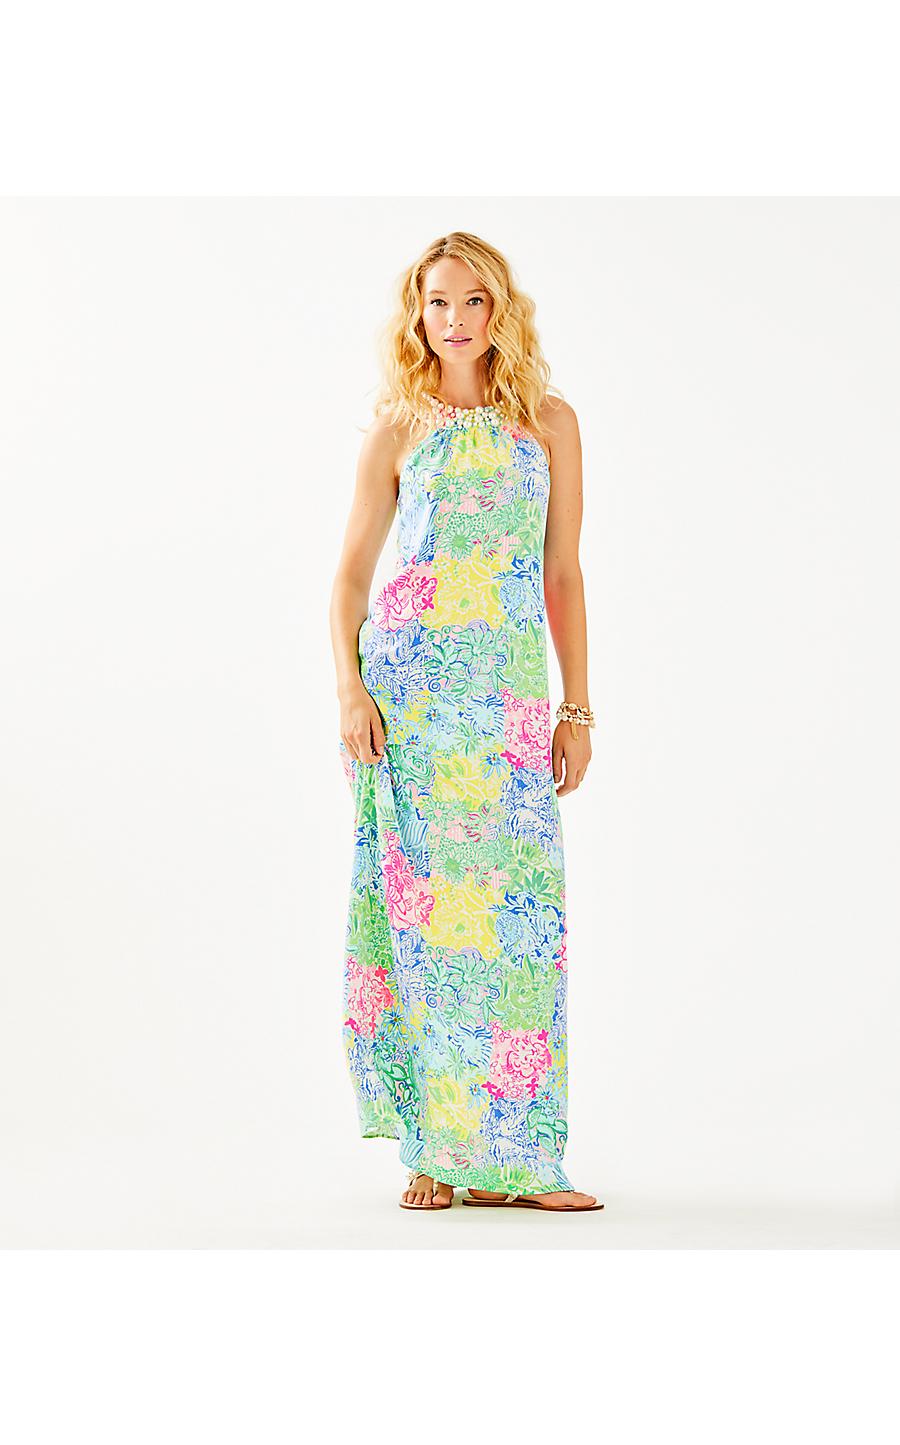 90d54edd79 SHAWN MAXI DRESS - CHEEK TO CHEEK - Lilly Pulitzer Store - Life's a ...